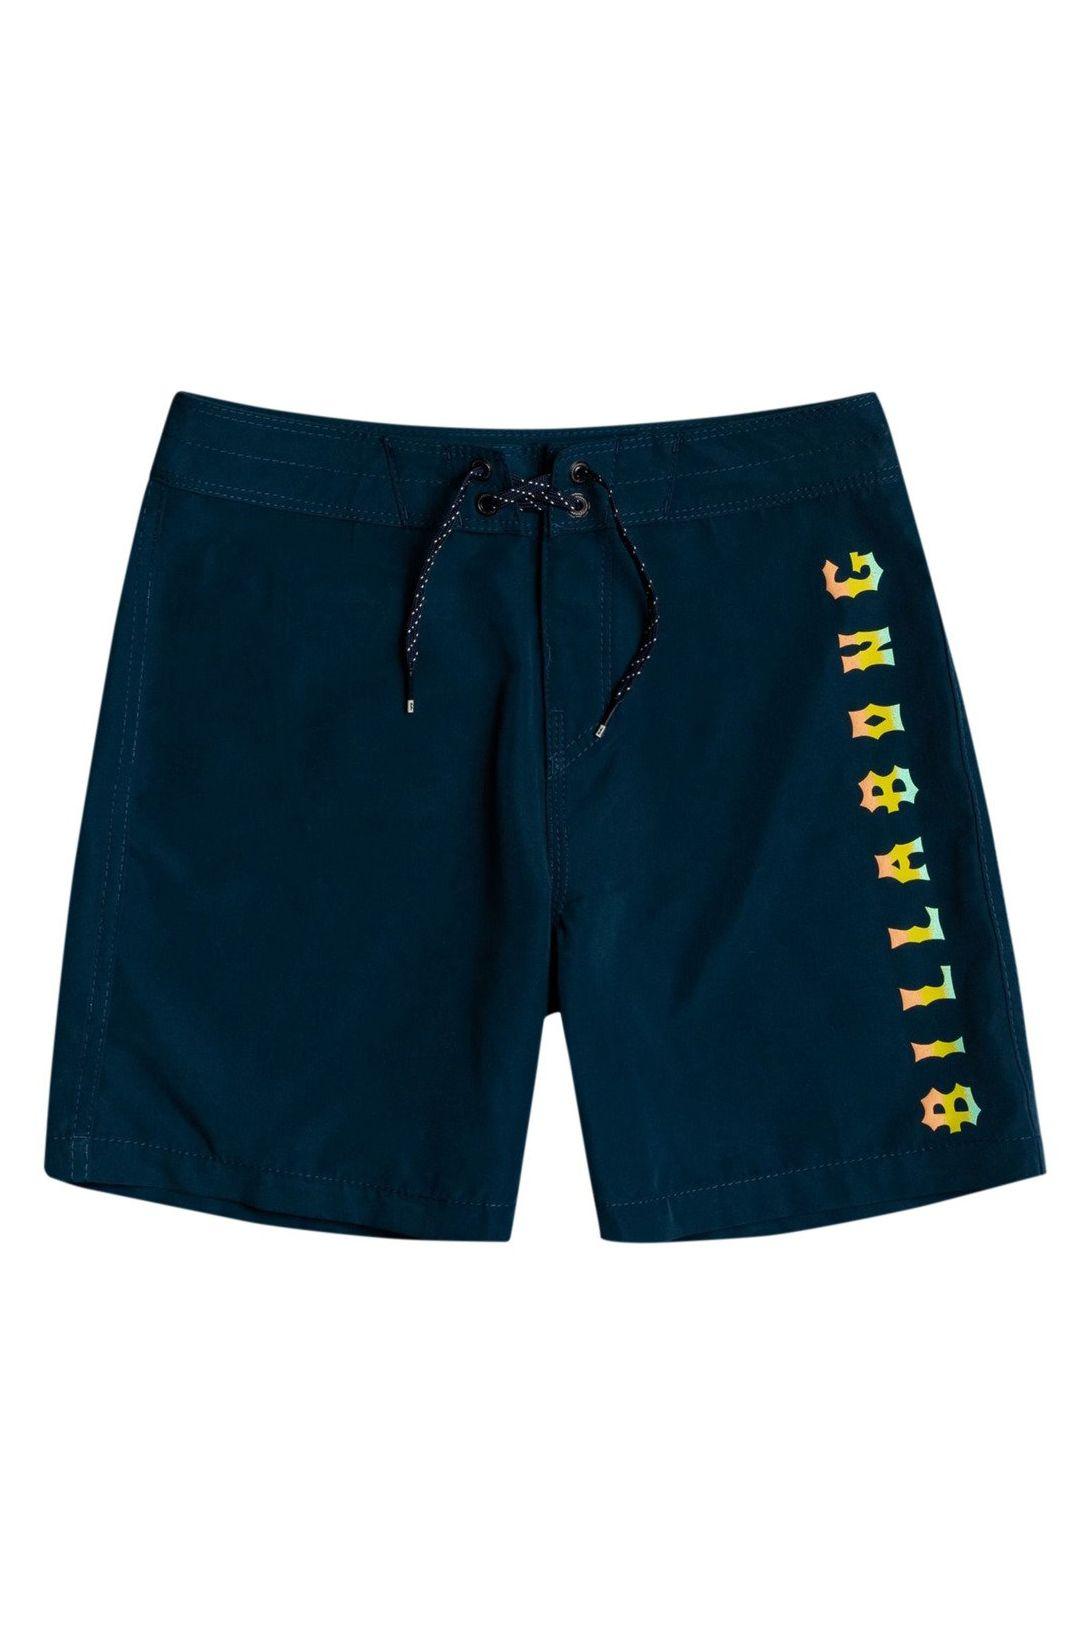 Billabong Boardshorts ALL DAY HERITAGE OG Navy